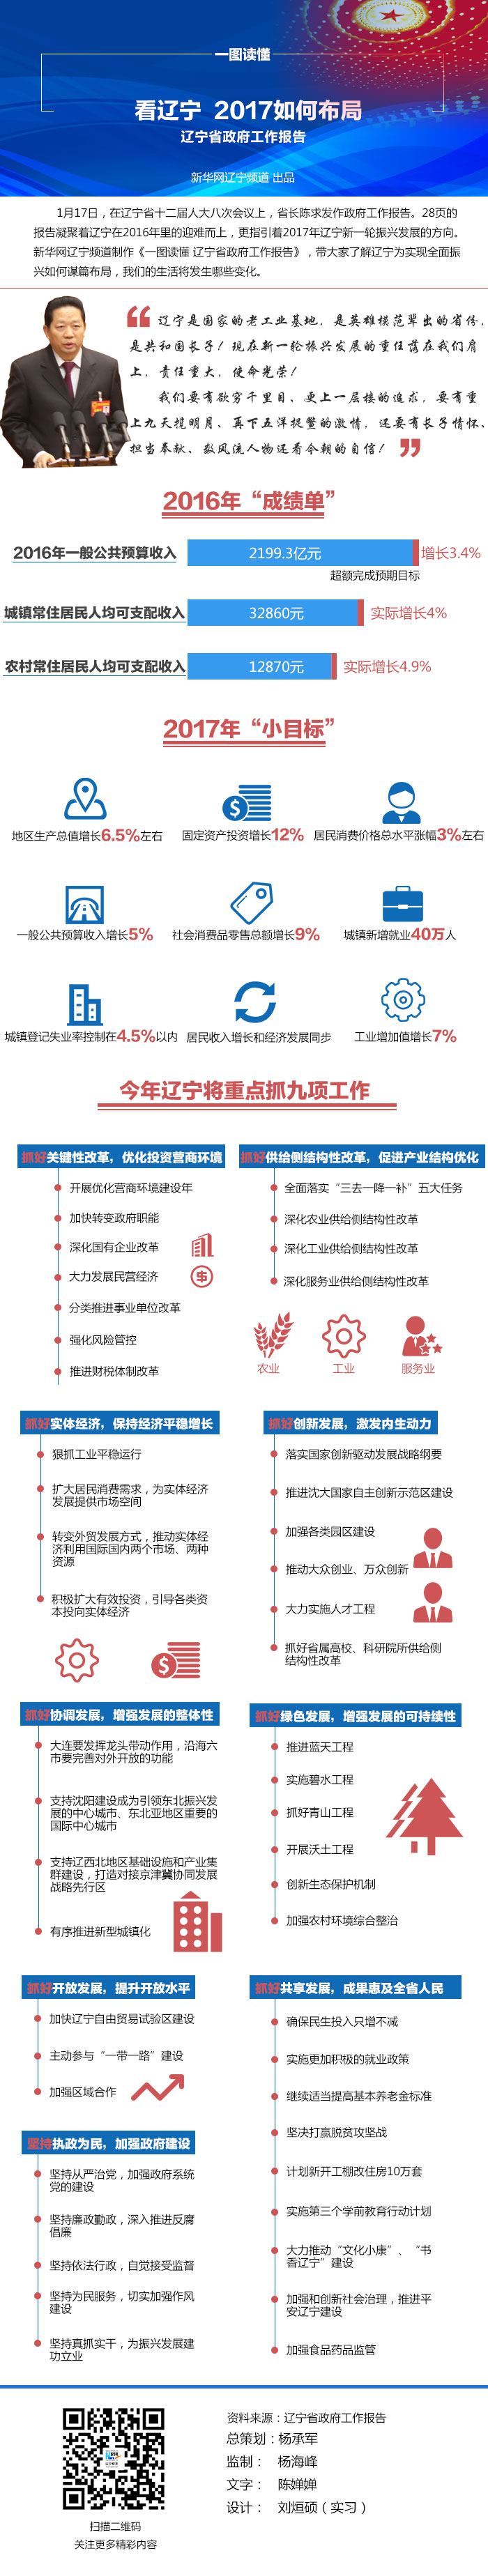 【一图读懂】看辽宁  2017如何布局